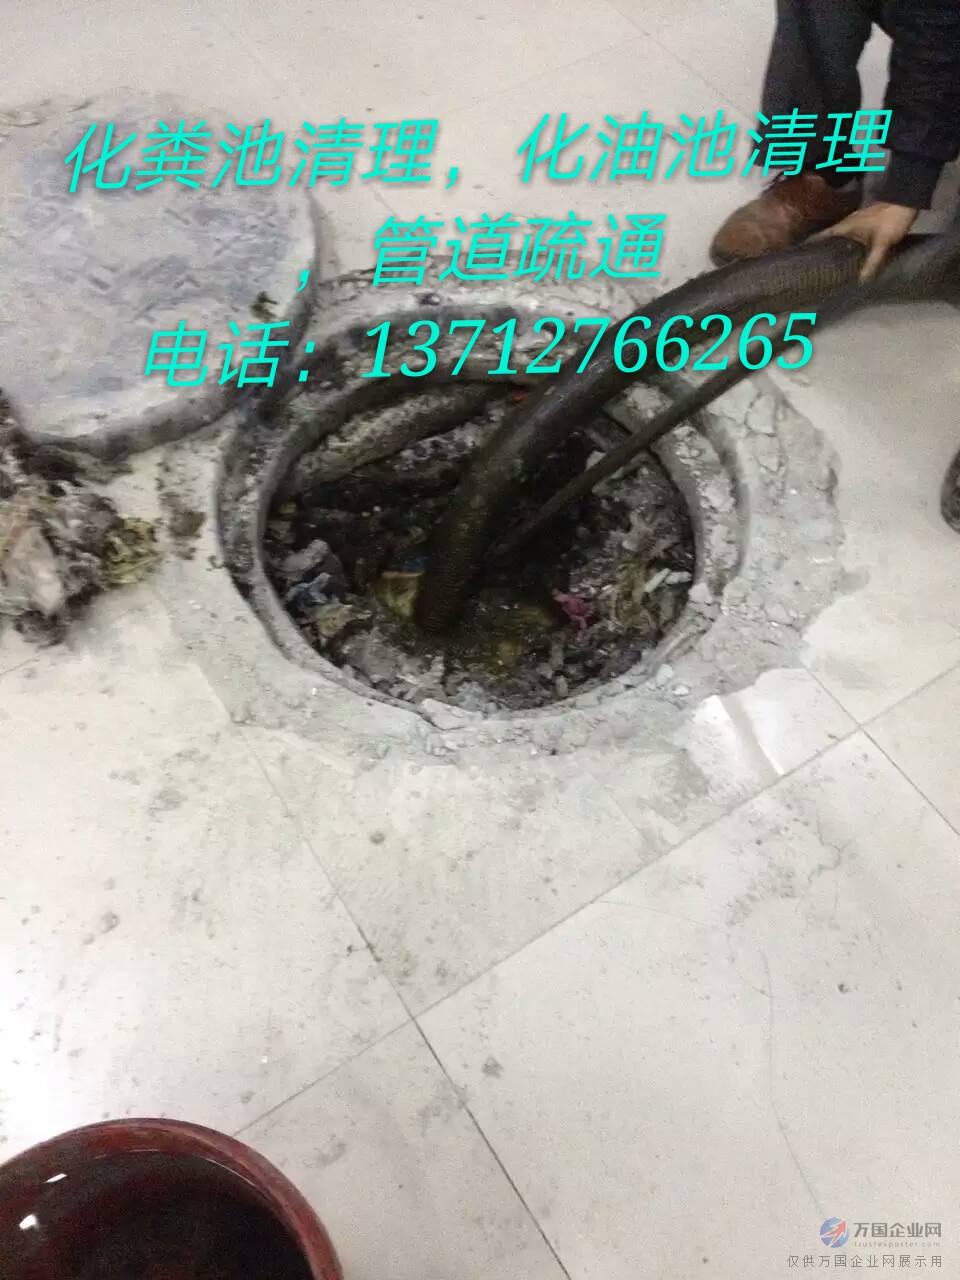 马桶地面和排污管道